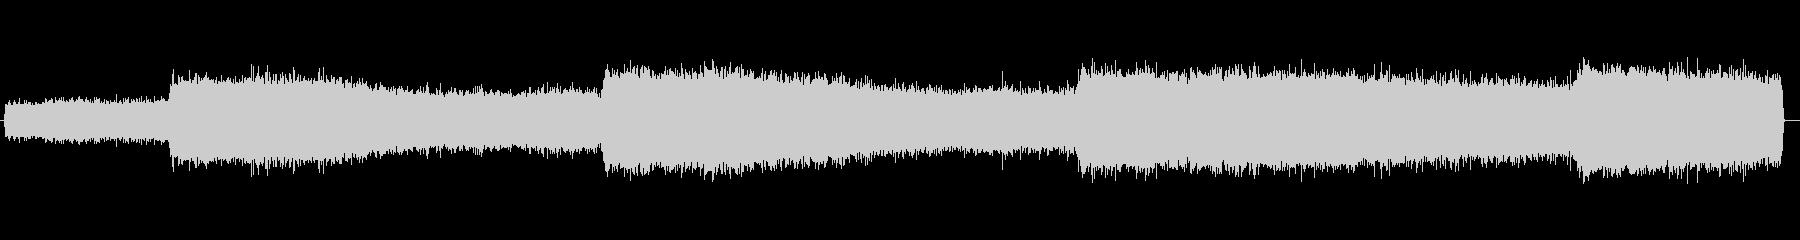 セミの鳴き声 02の未再生の波形